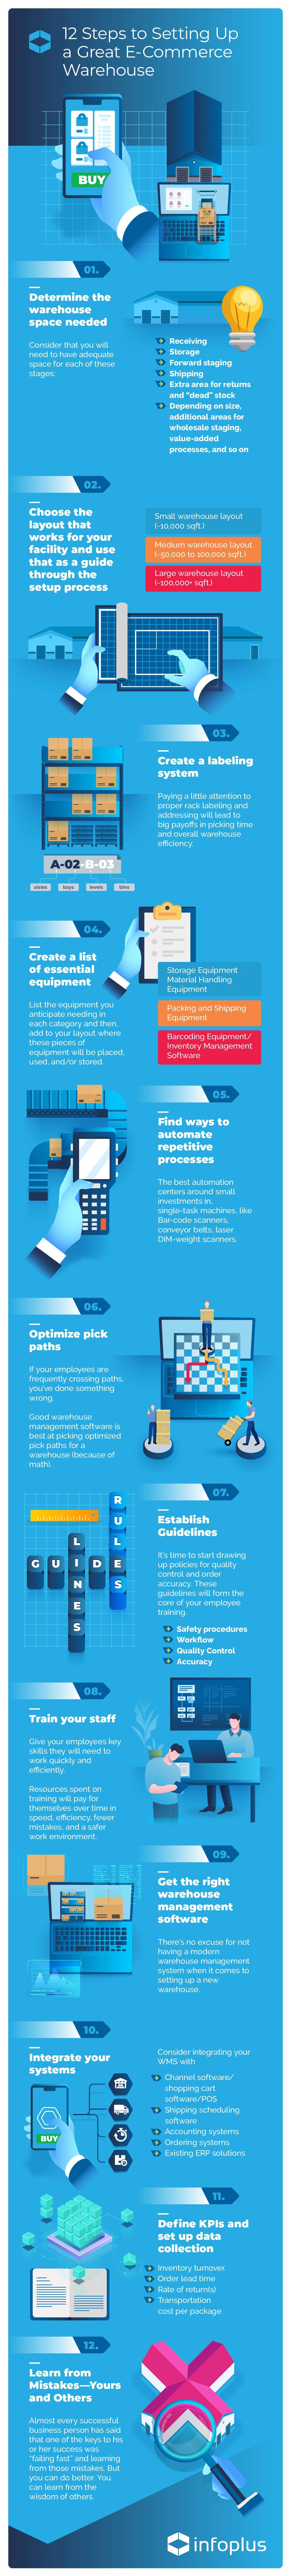 SettingUpaGreatECommerceWarehouse_infographic_1200_2